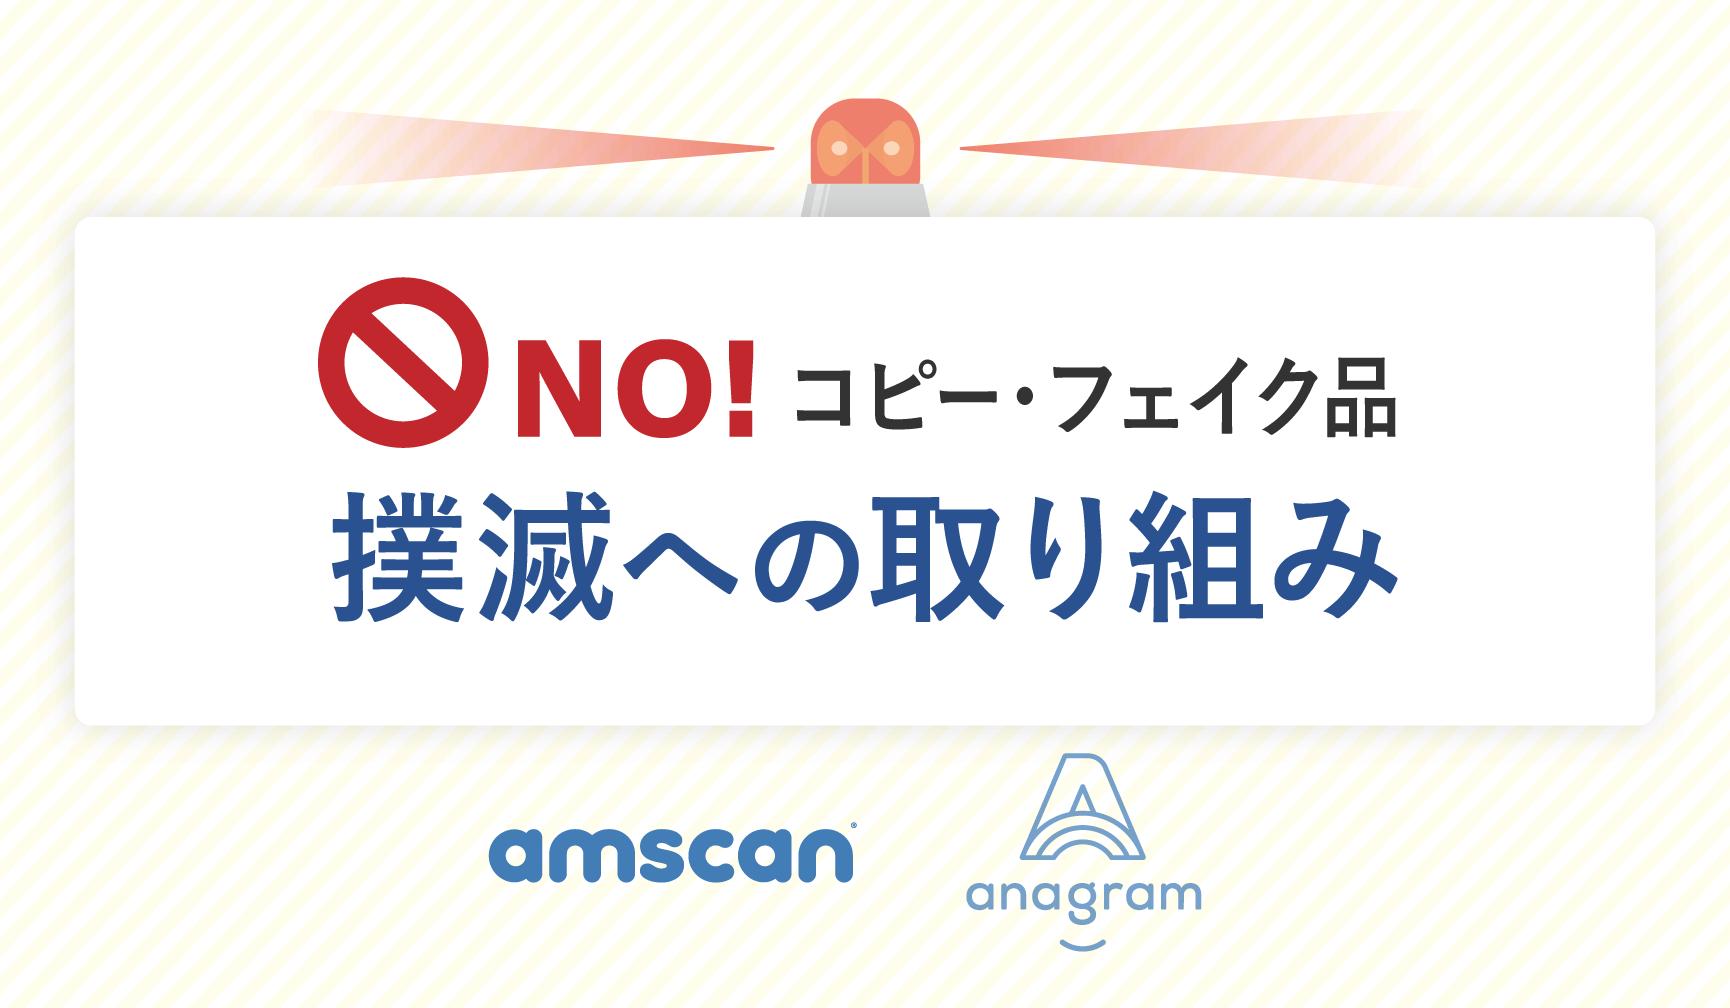 NO!コピー・フェイク品 撲滅への取り組み